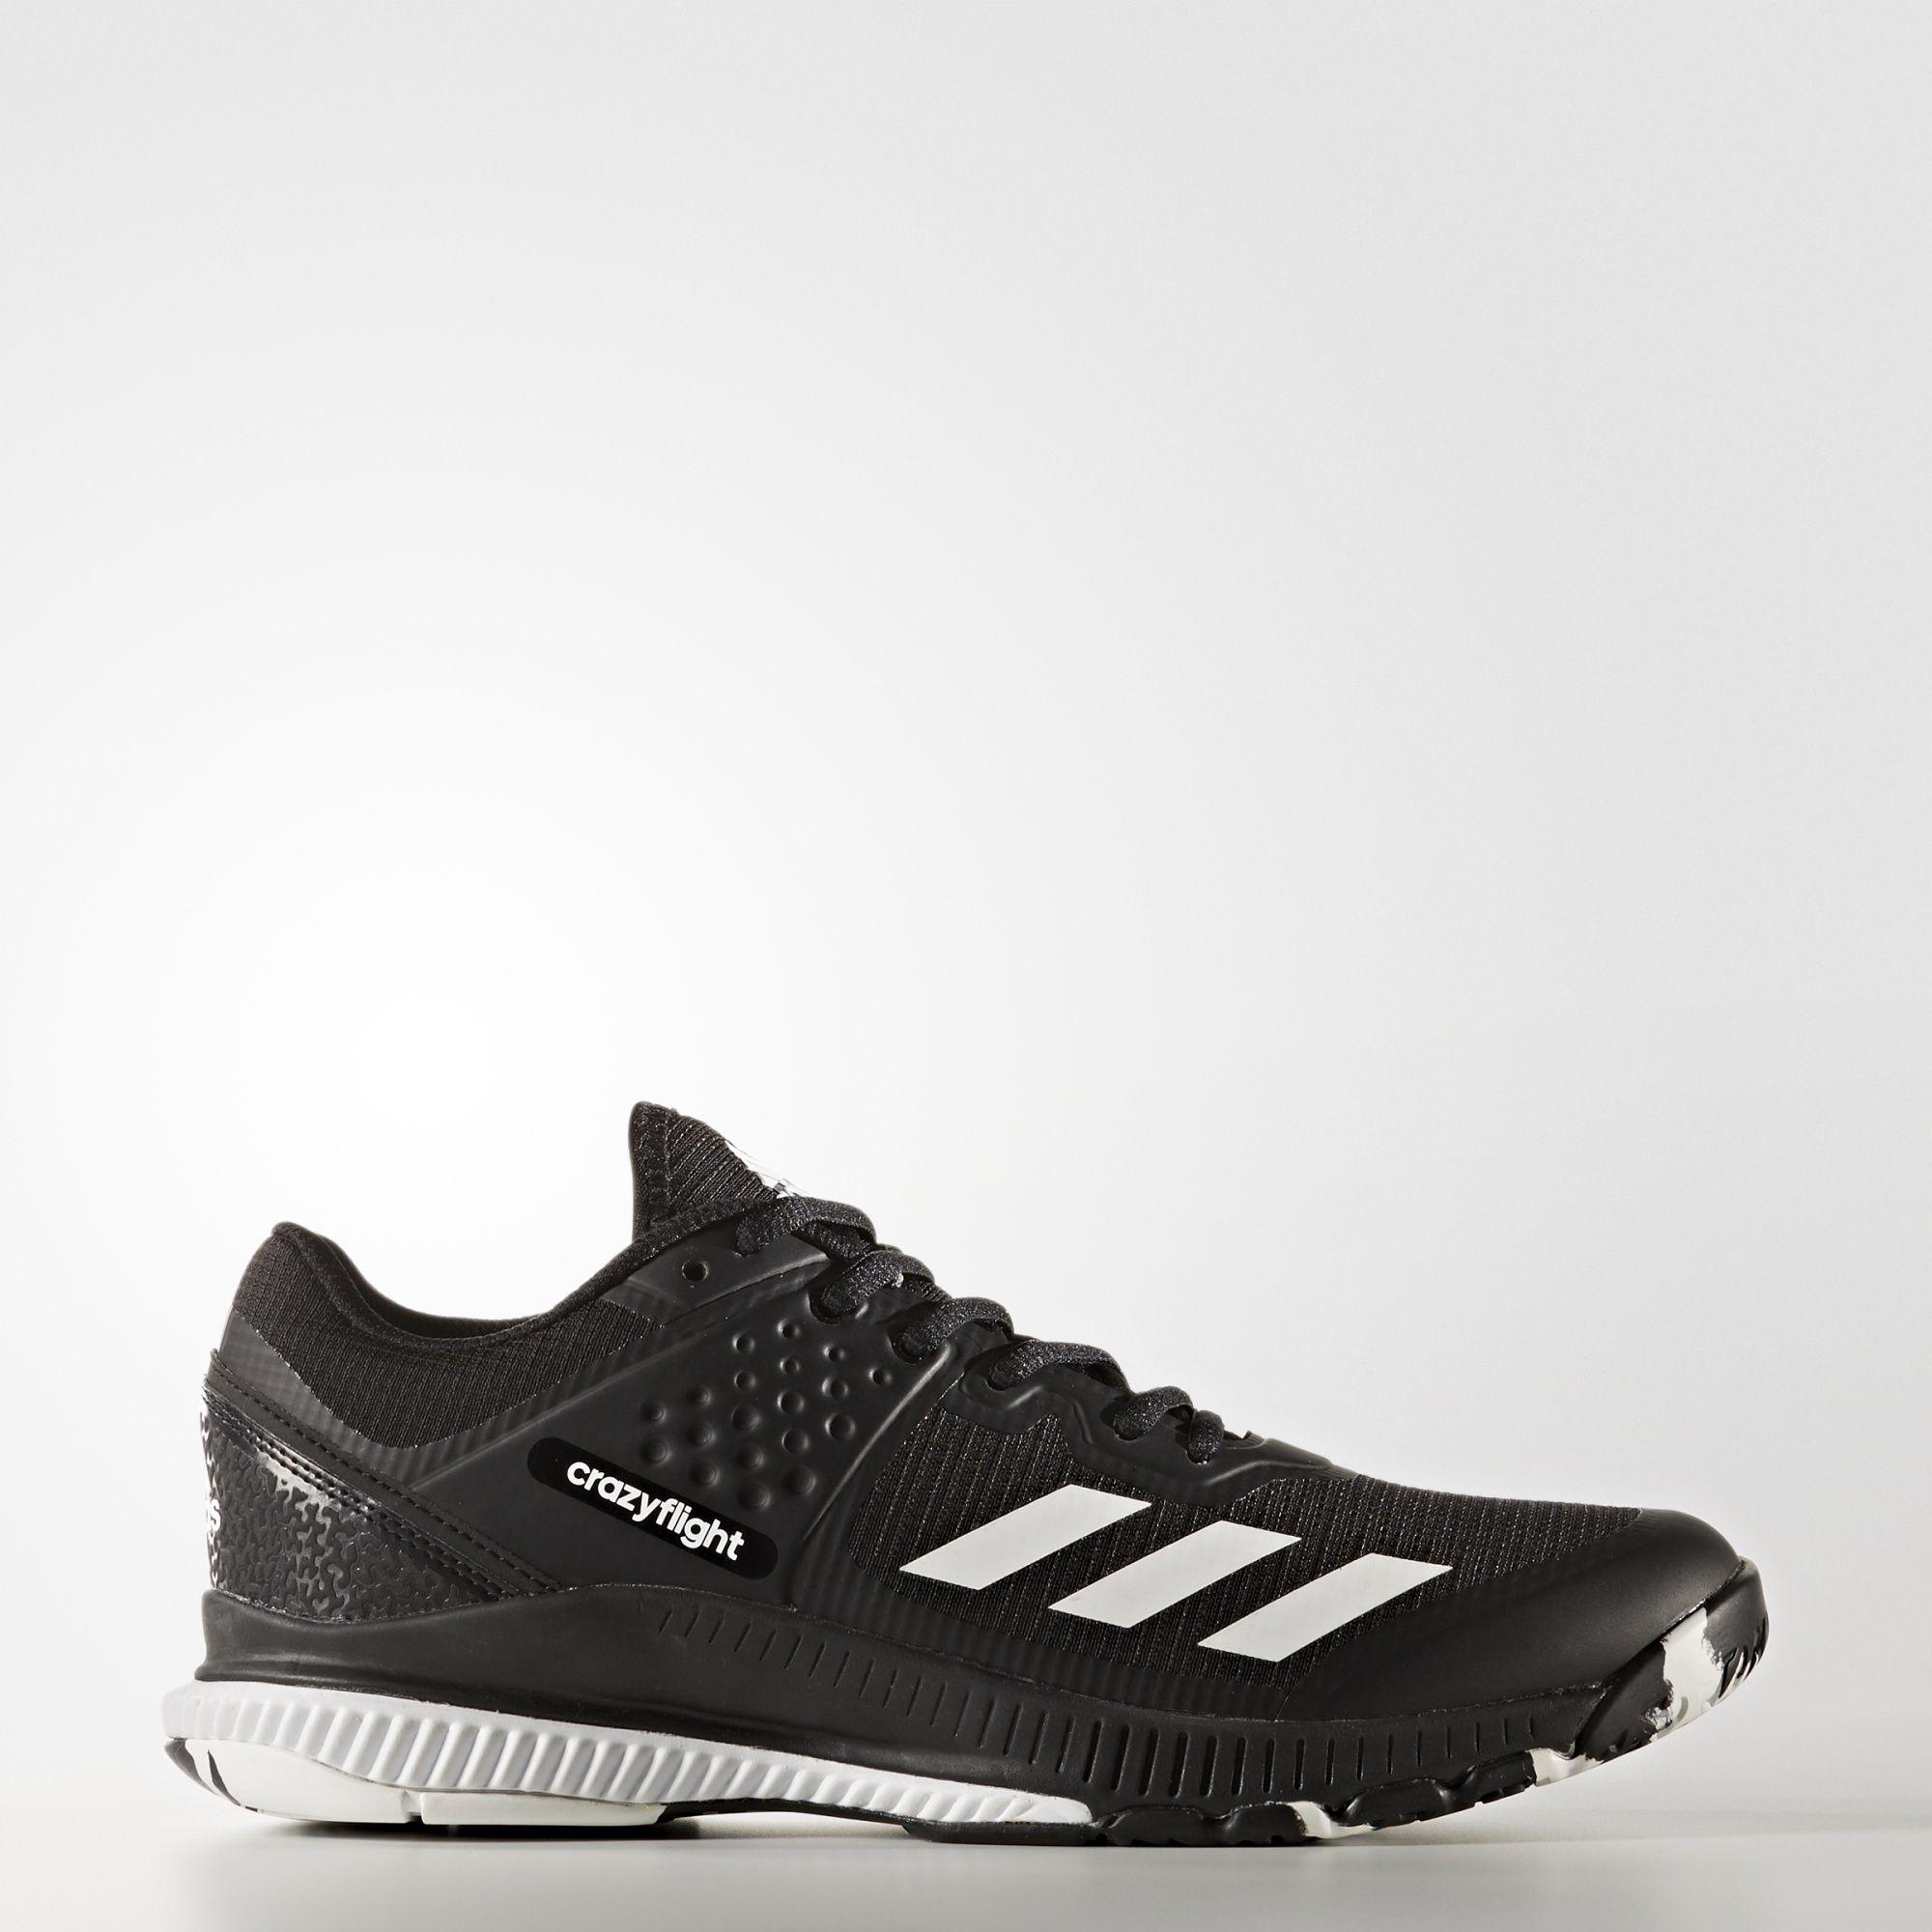 Adidas Women s Crazyflight X Volleyball Shoes   Volleyball Shoes    Volleyball Shoes, Volleyball, Shoes 79f3d9903e